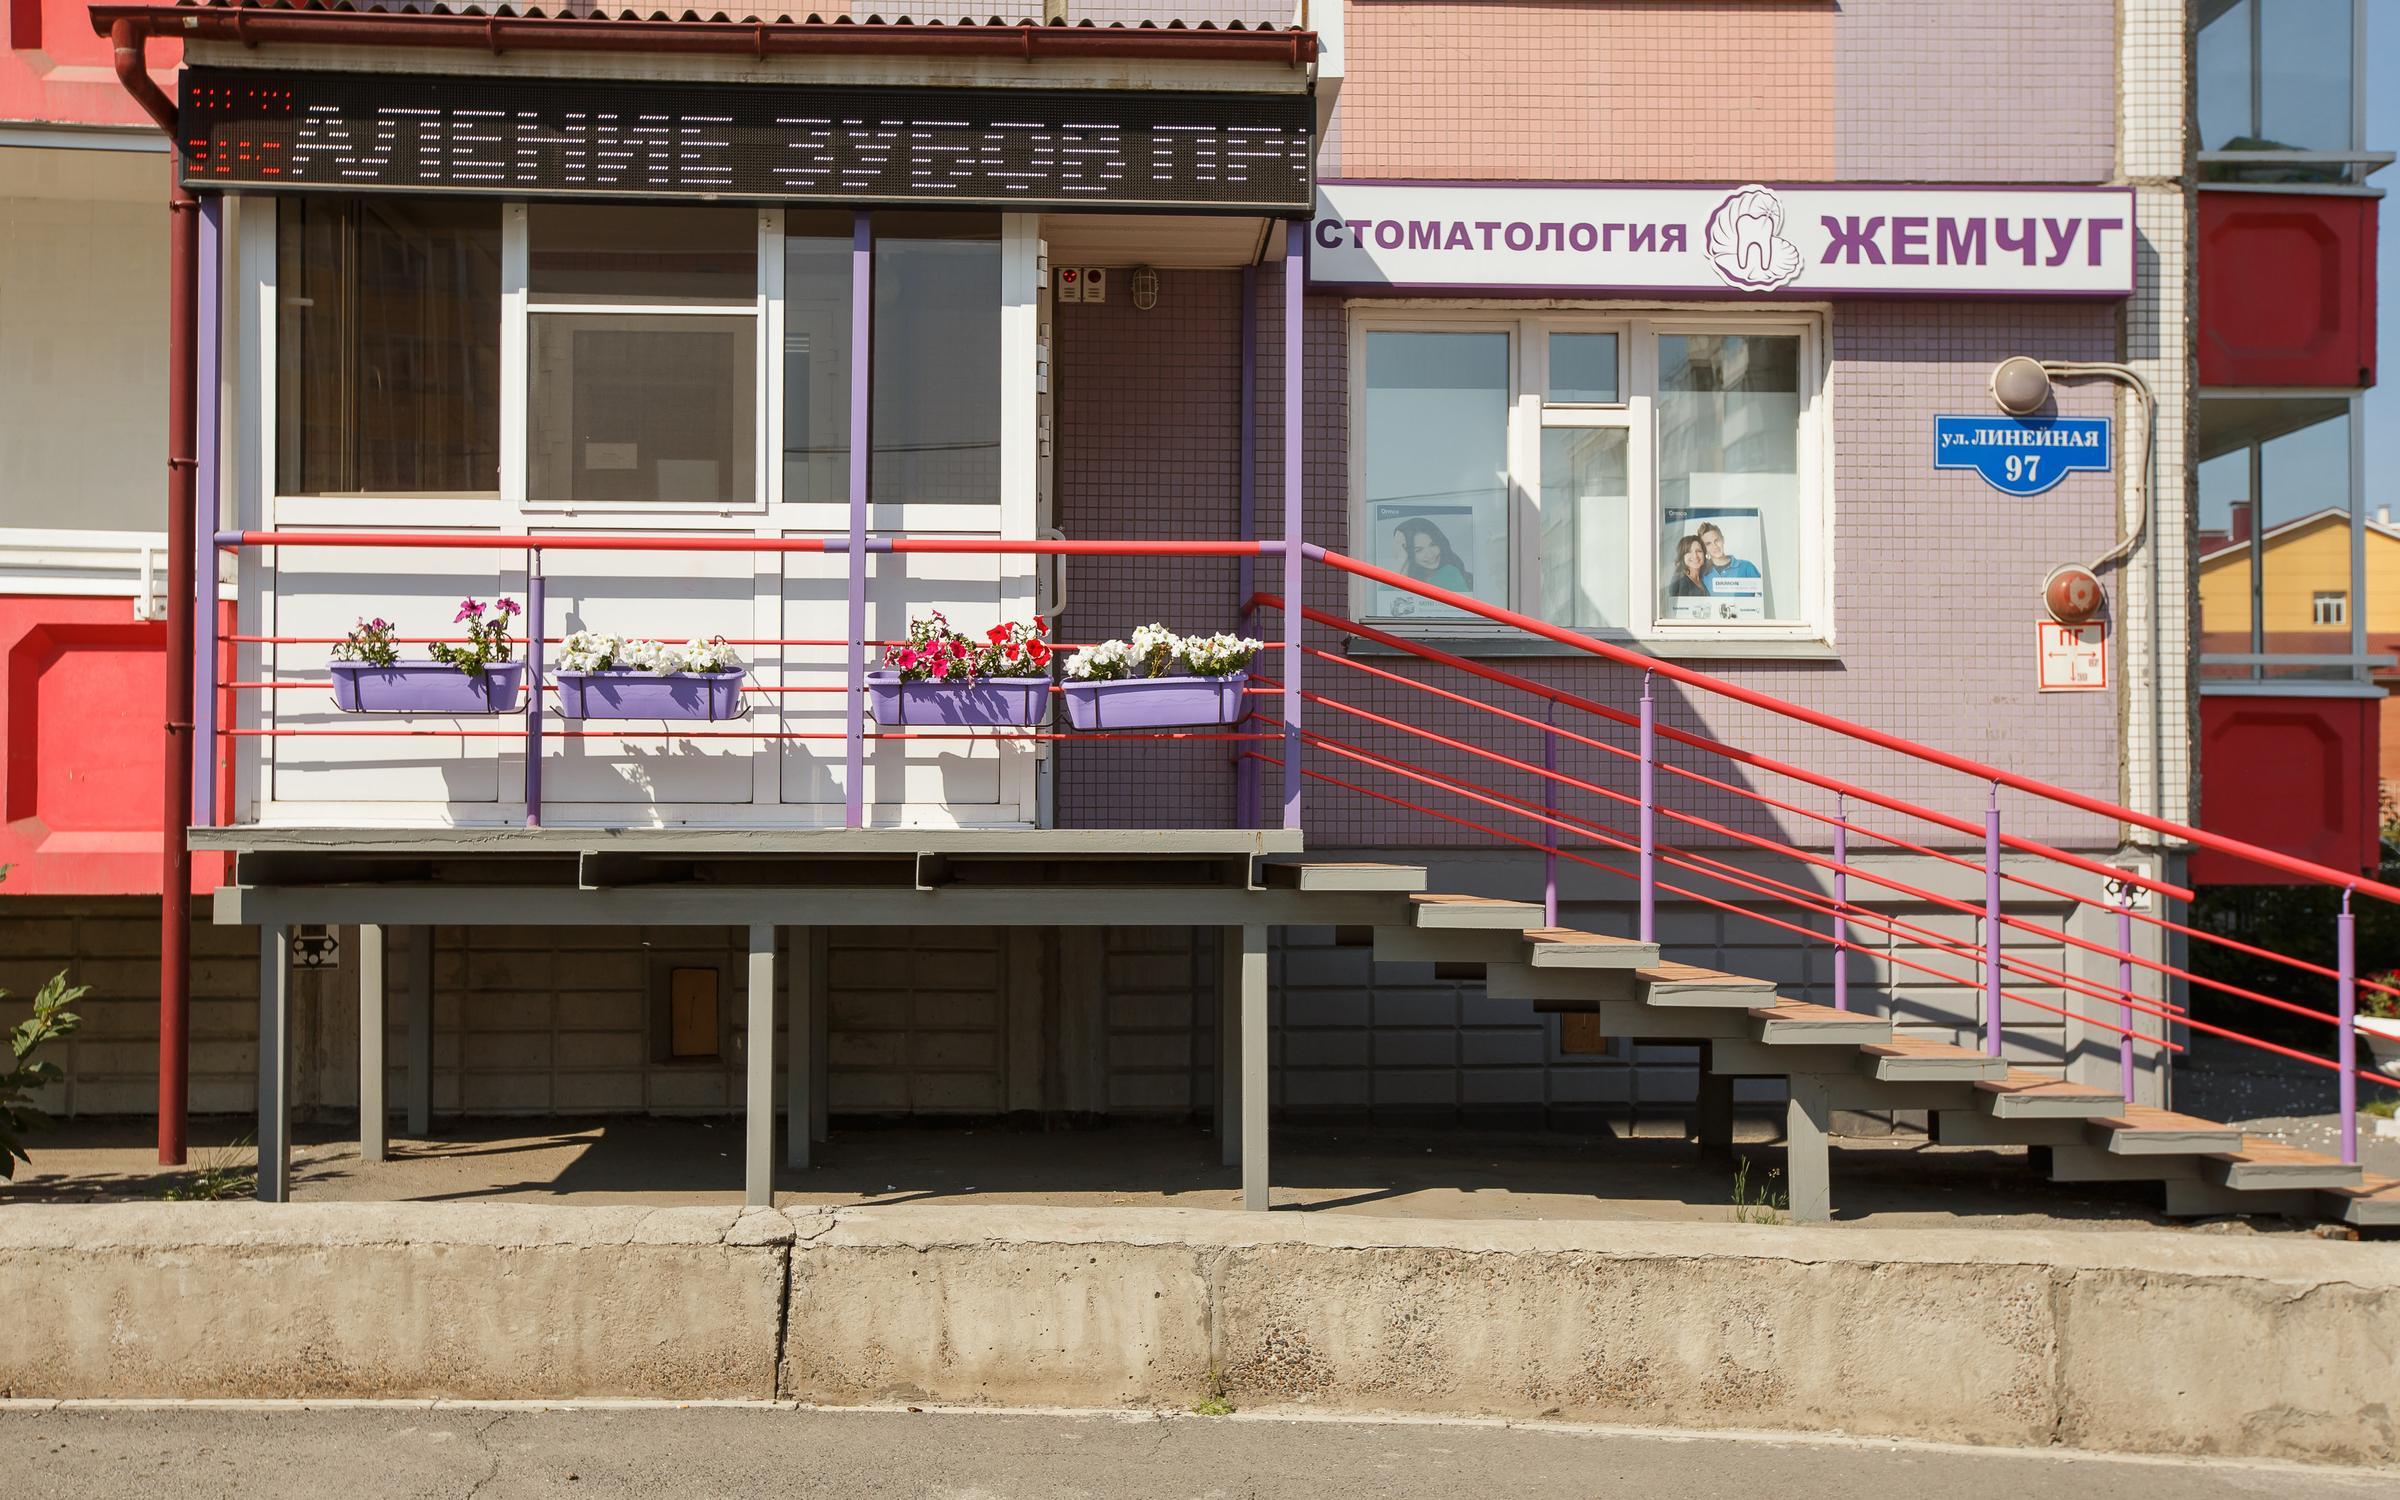 фотография Стоматологии Жемчуг на Линейной улице